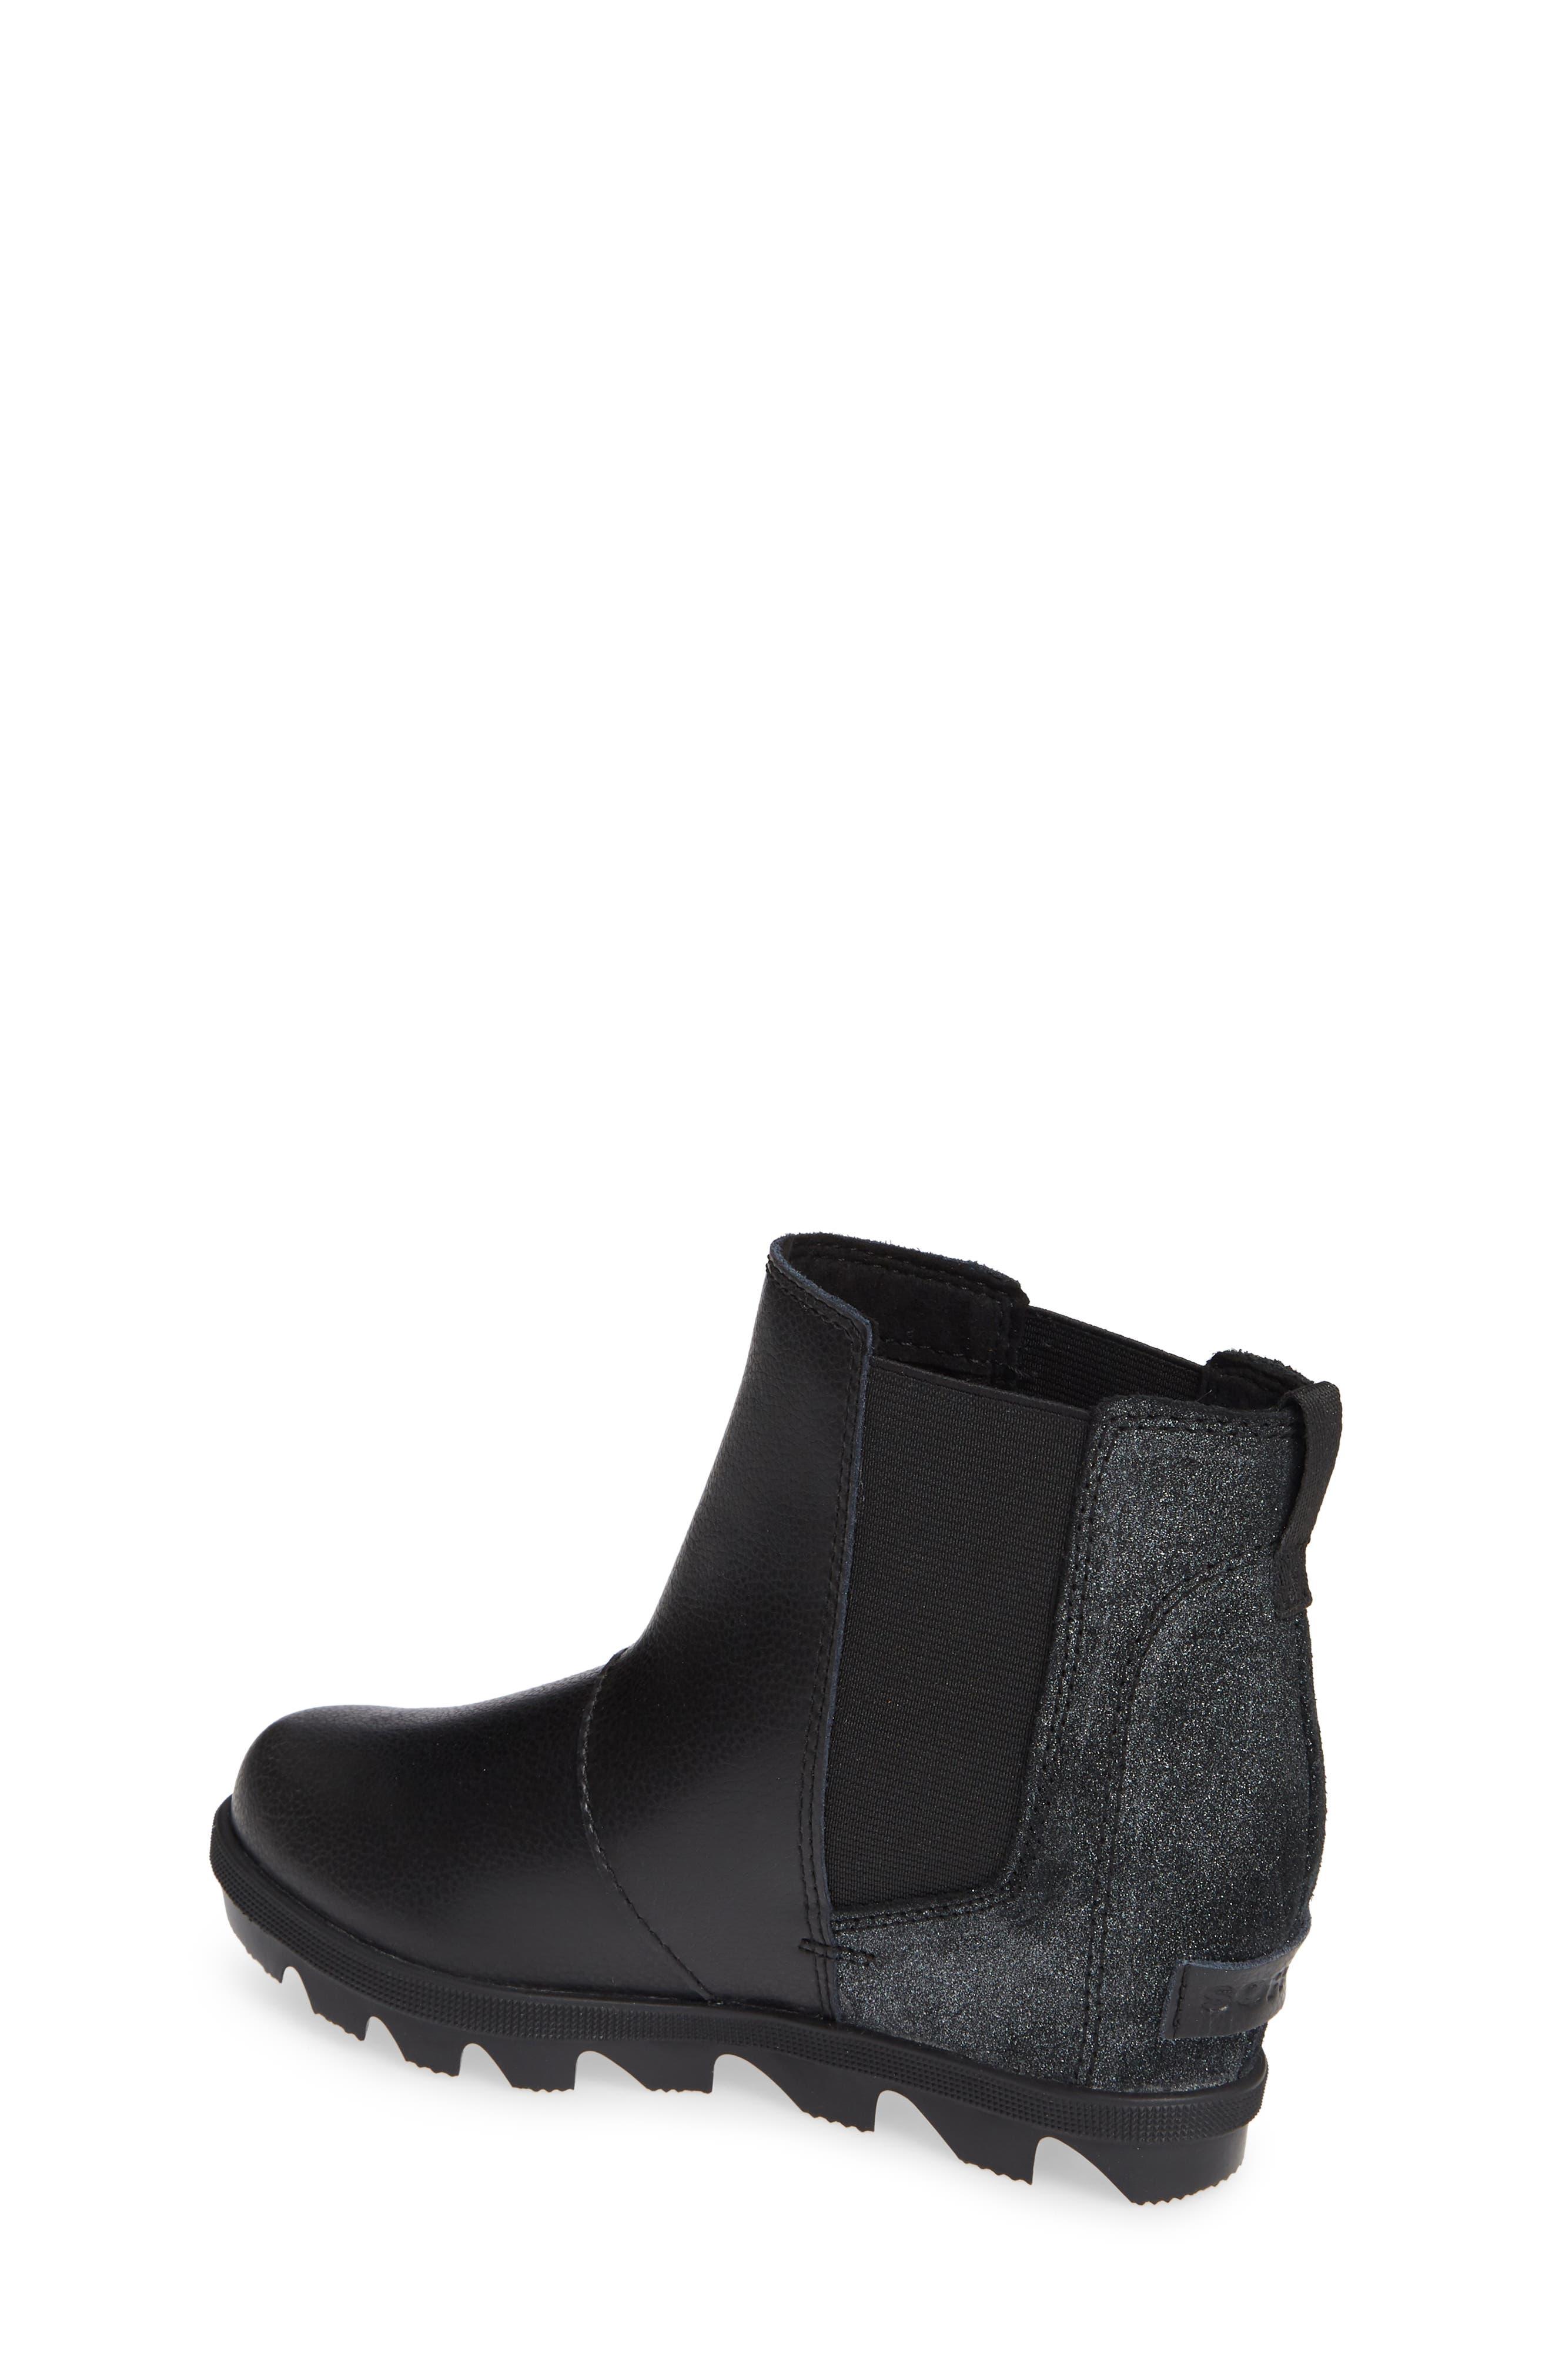 Joan of Arc II Waterproof Wedge Chelsea Boot,                             Alternate thumbnail 2, color,                             BLACK